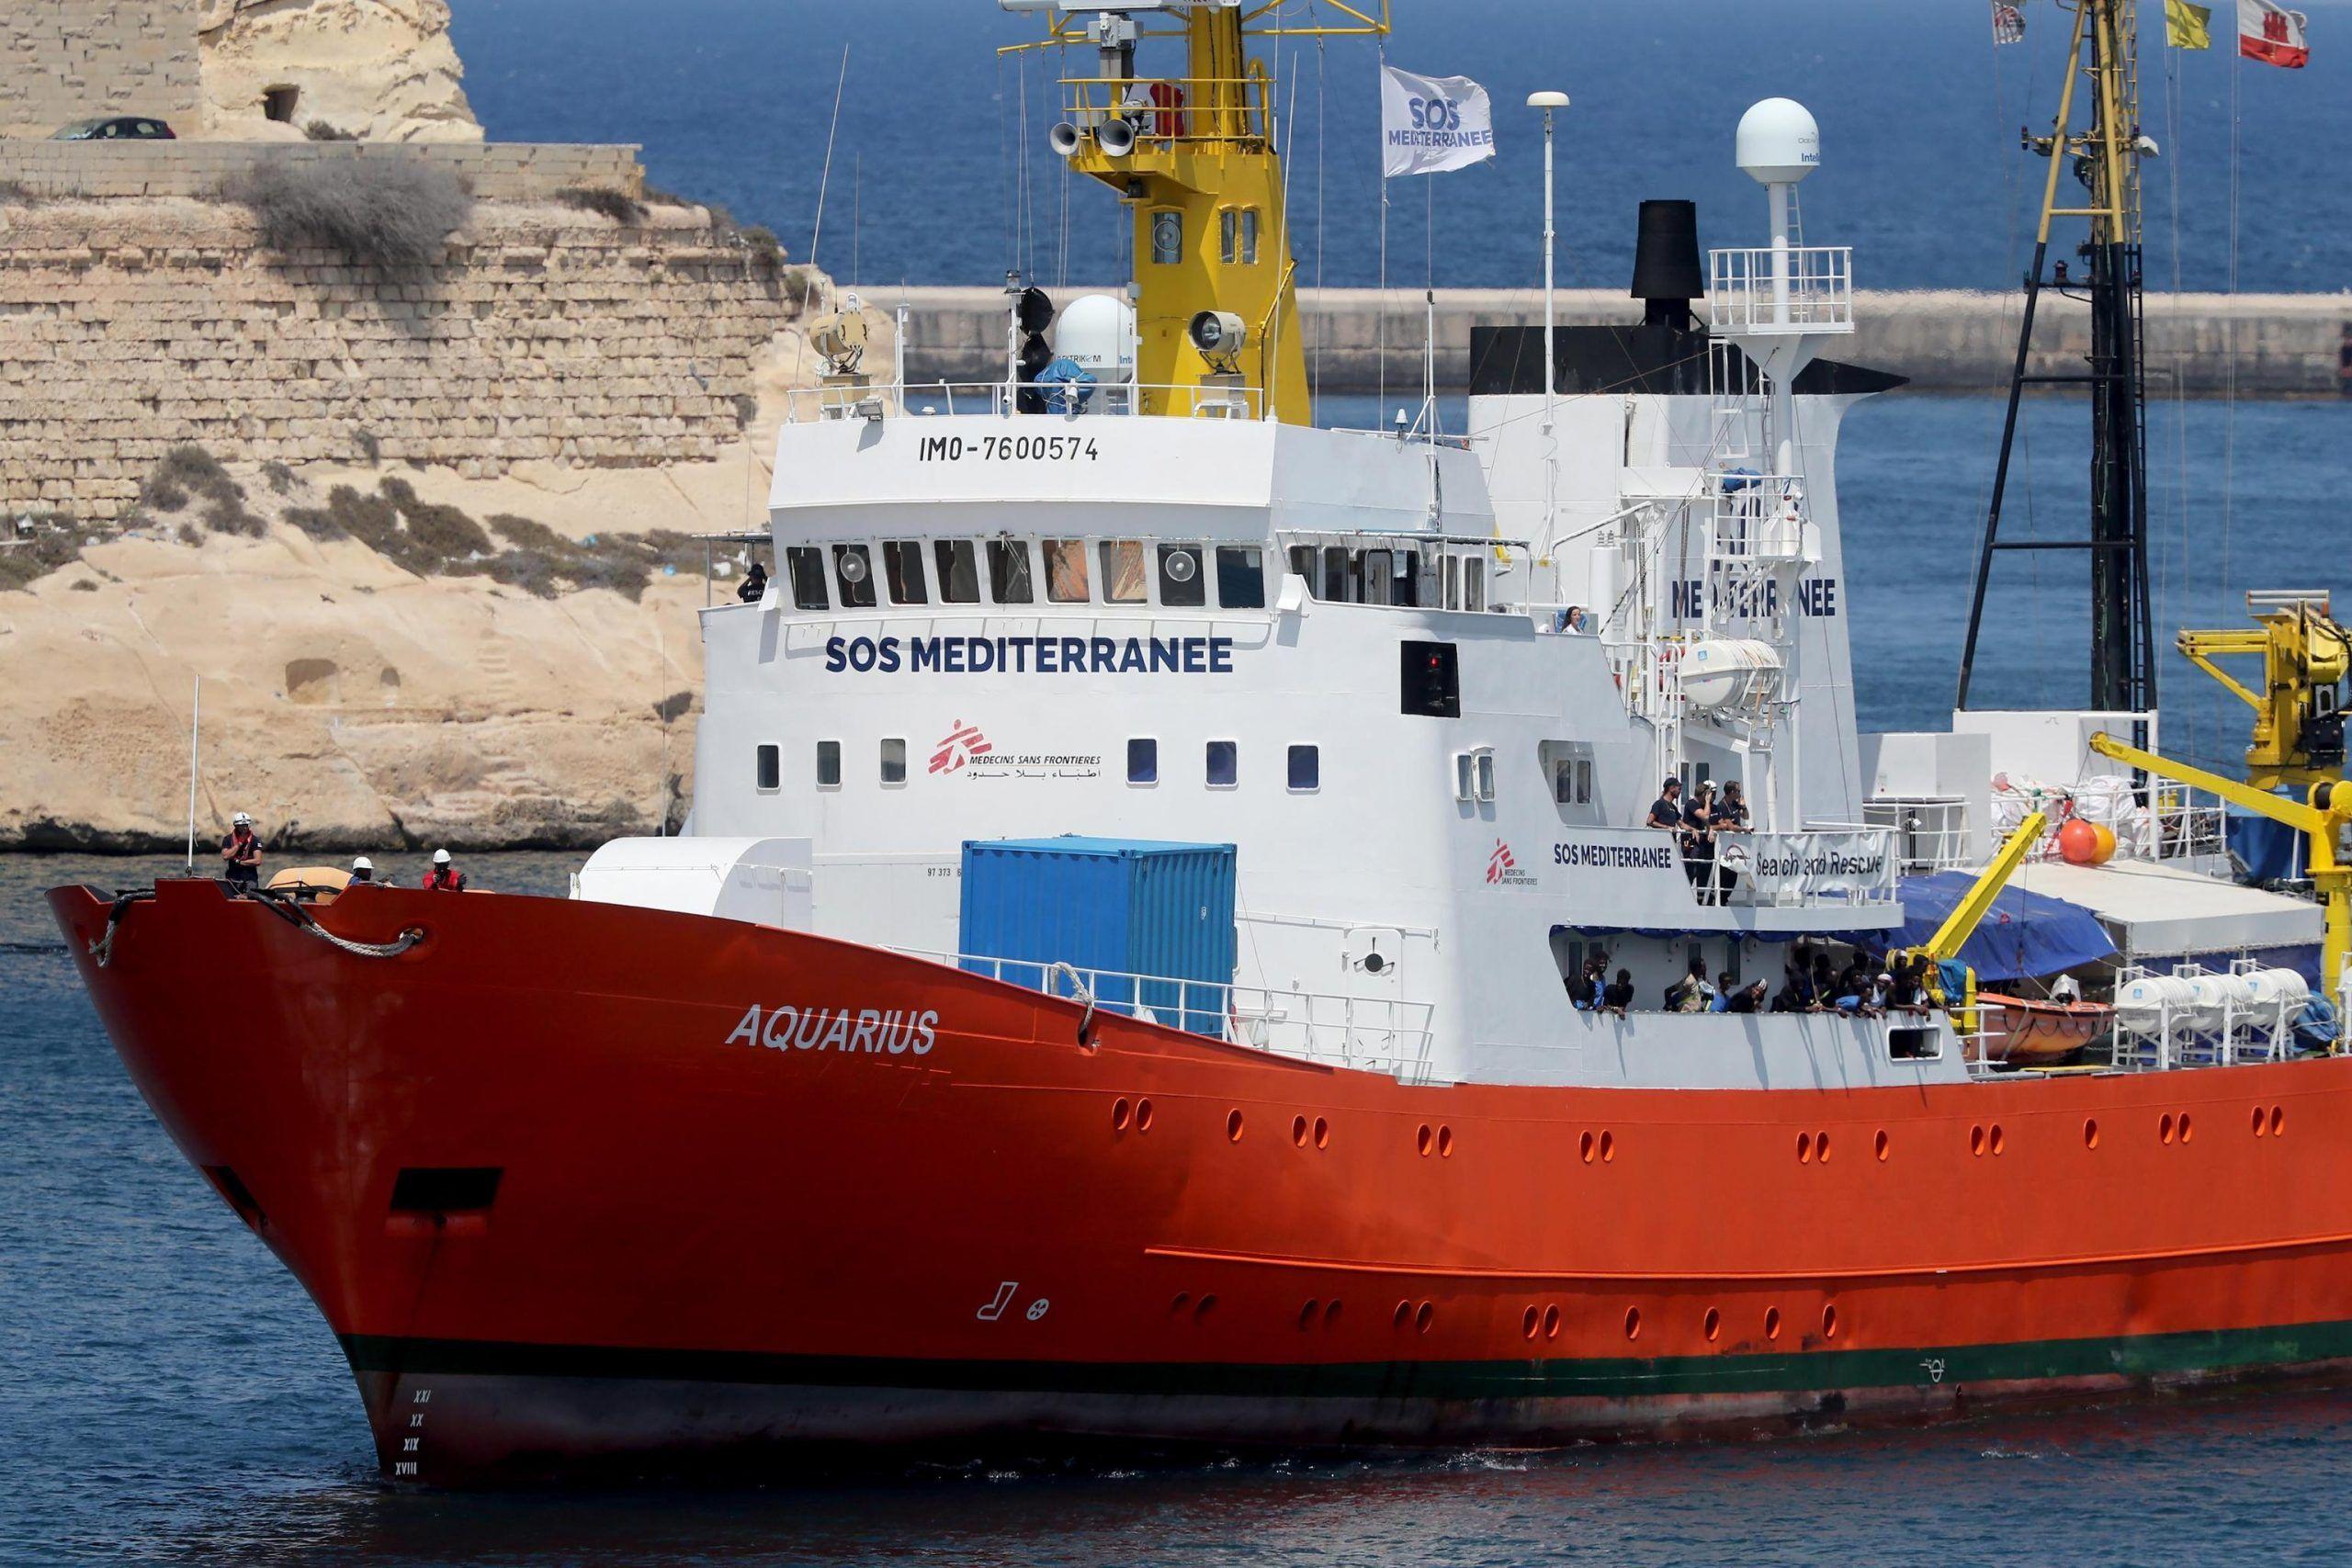 Aquarius senza porto: accordo tra Portogallo, Francia e Spagna ma i migranti sono ancora a bordo